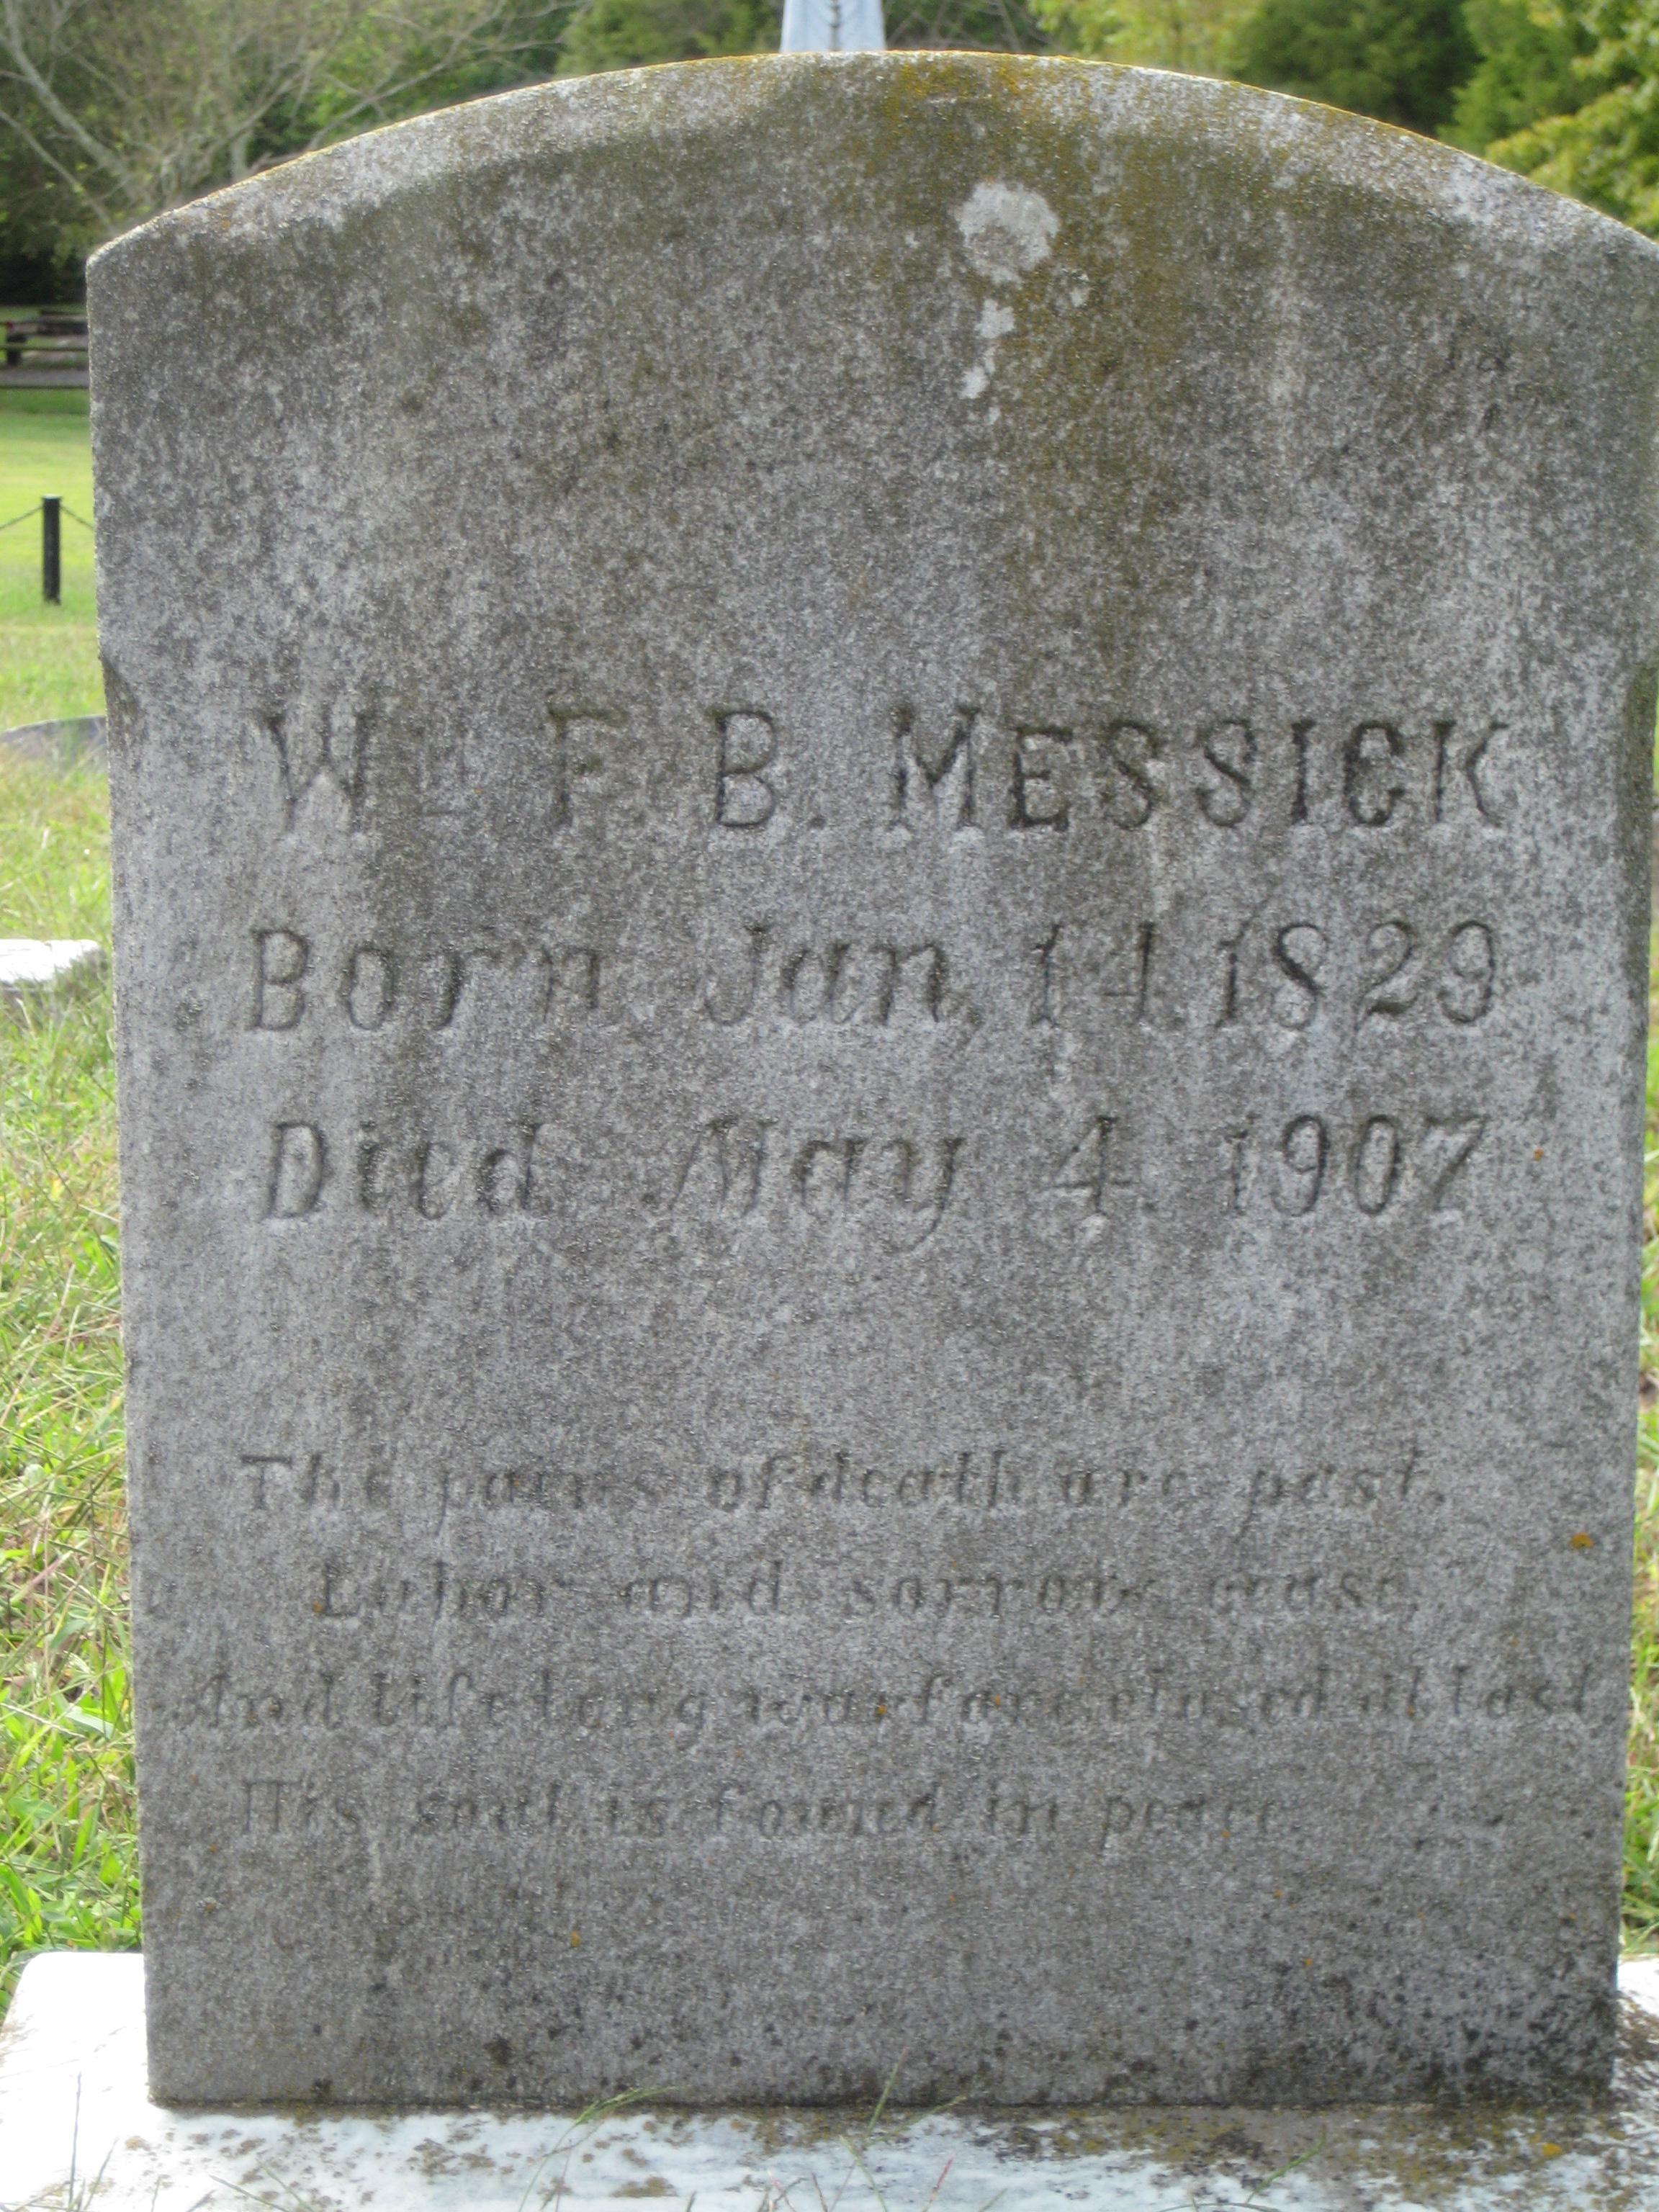 William Messick